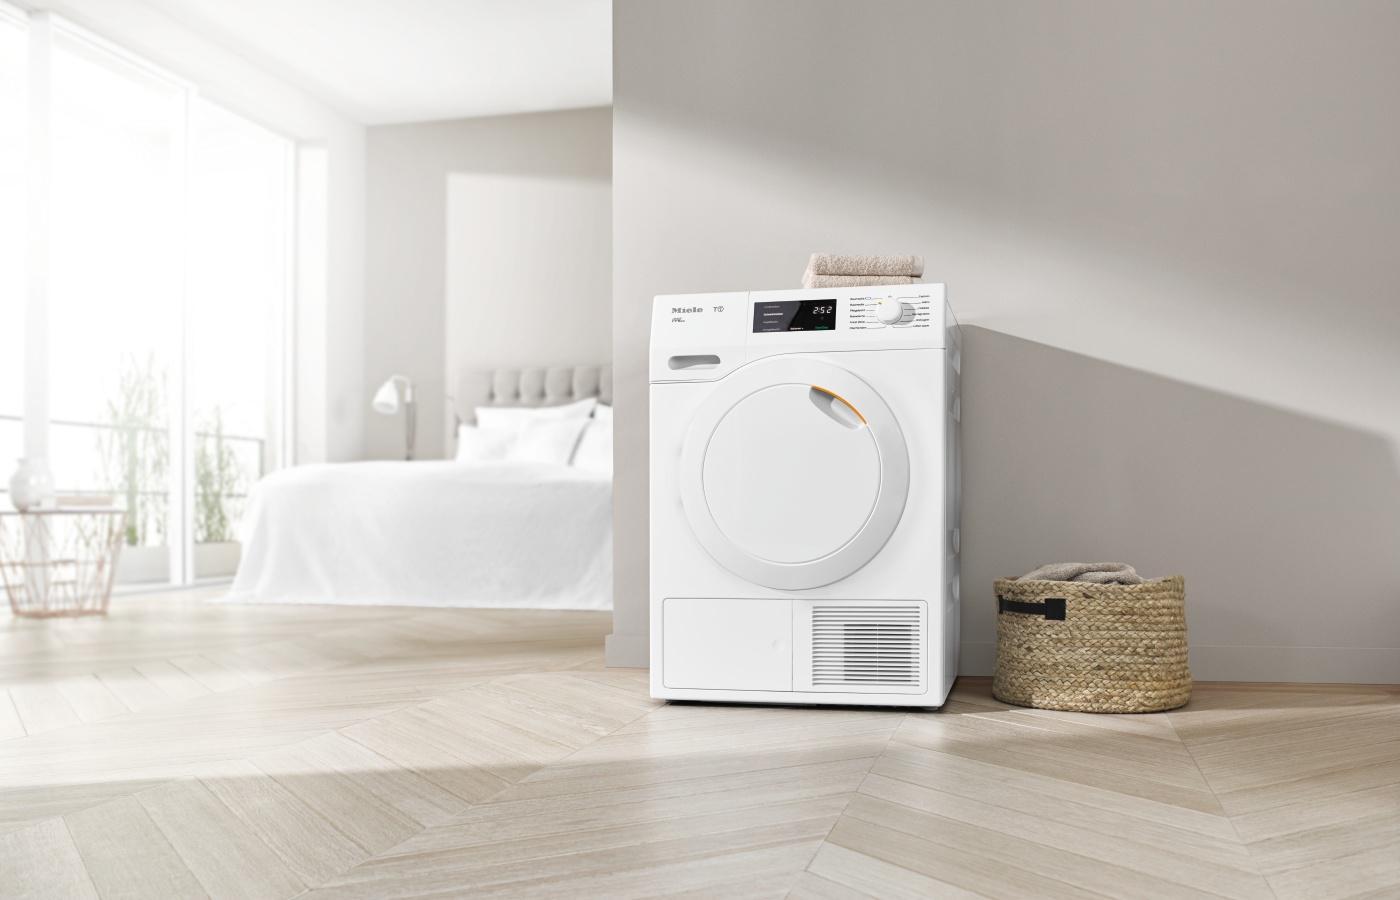 Nettoyer Le Lave Linge Au Bicarbonate un lave-linge tout beau tout propre ! – inspiredmiele